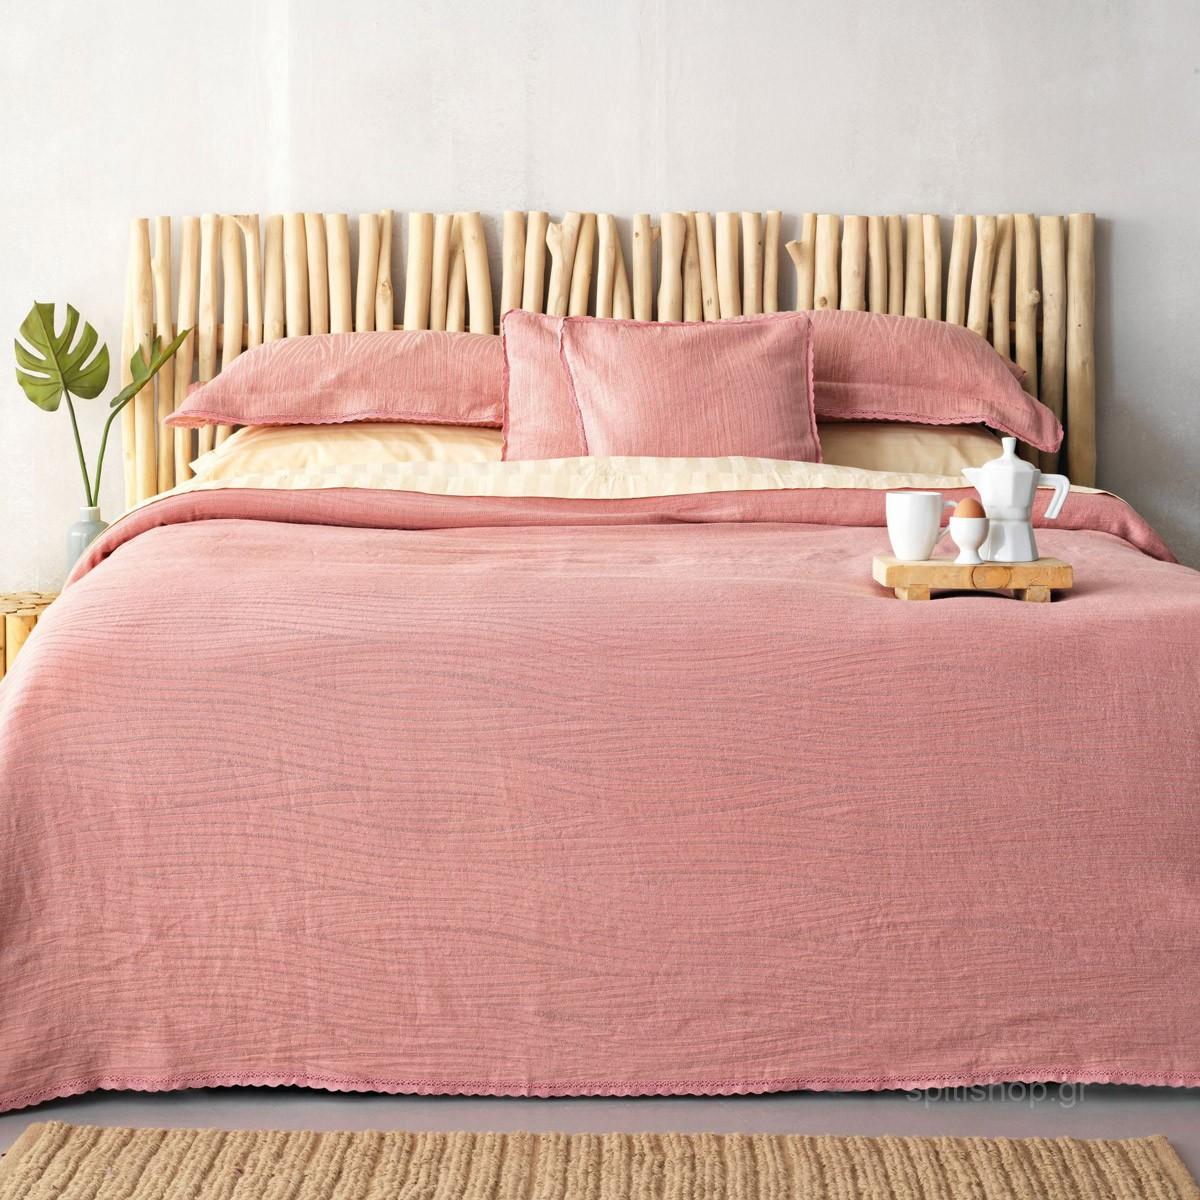 Κουβερτόριο Μονό Palamaiki Daily 1099 Dark Pink home   κρεβατοκάμαρα   κουβέρτες   κουβέρτες καλοκαιρινές μονές